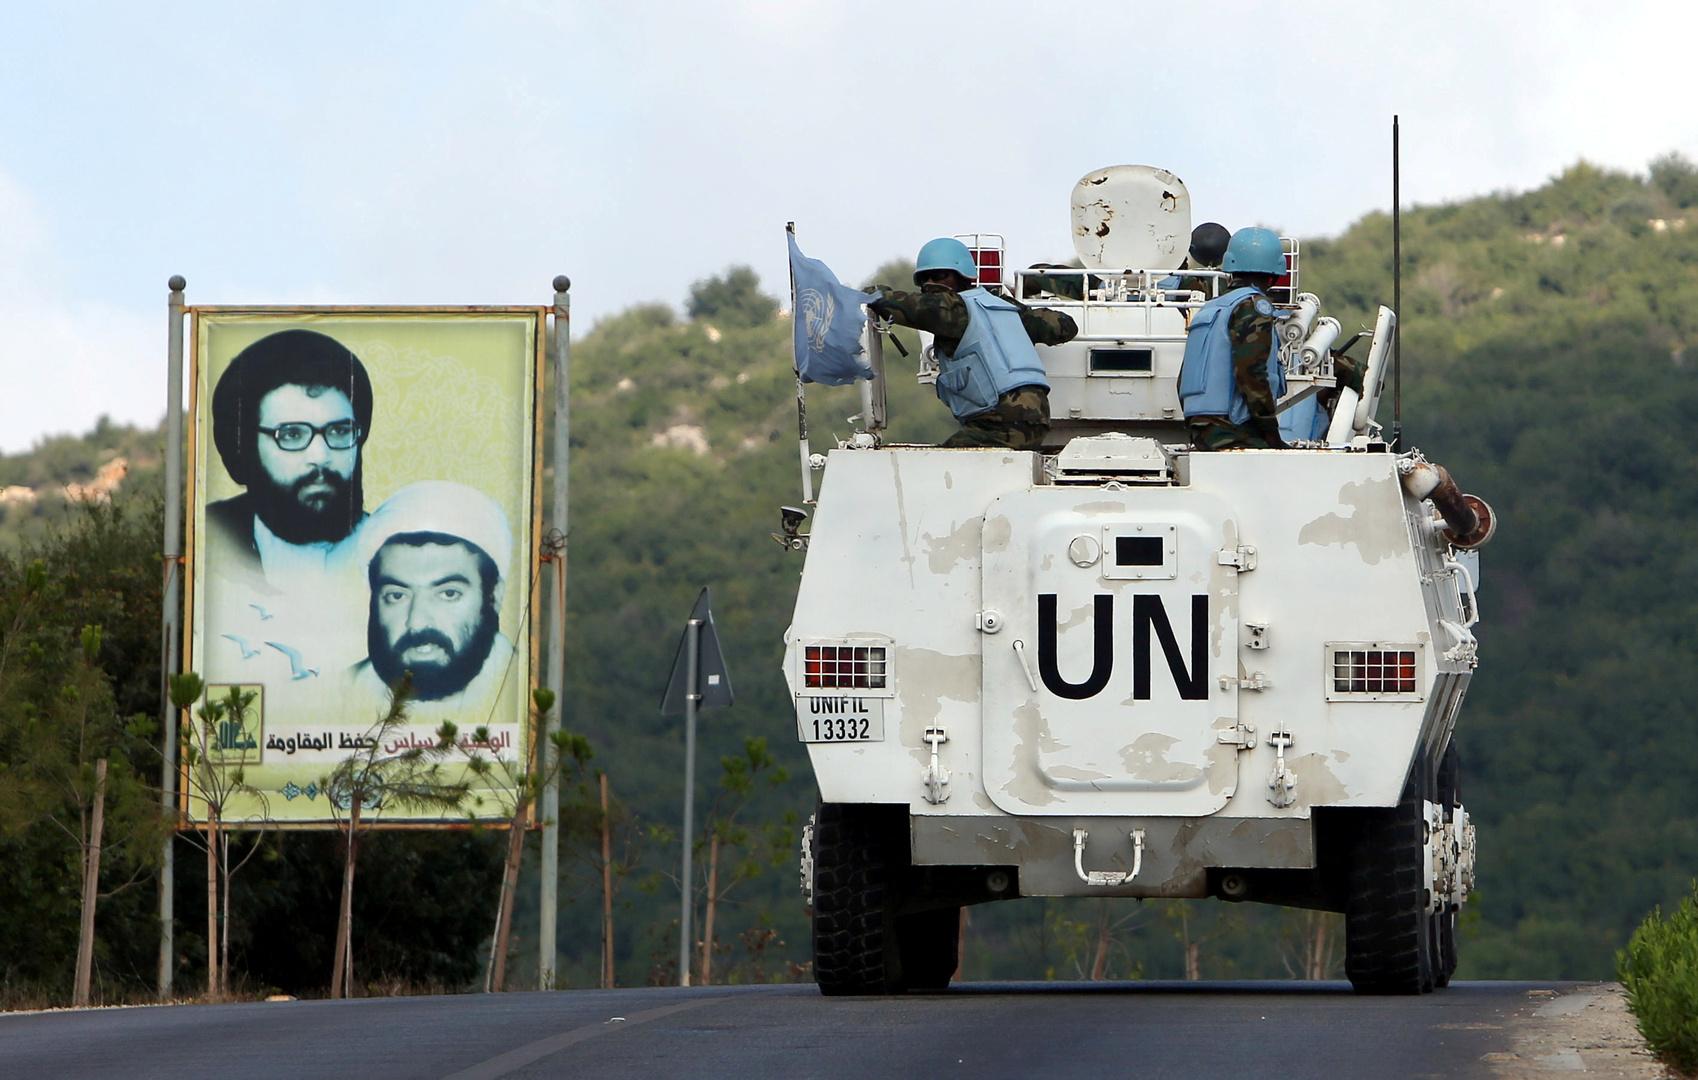 آلية لقوات اليونيفيل جنوب لبنان